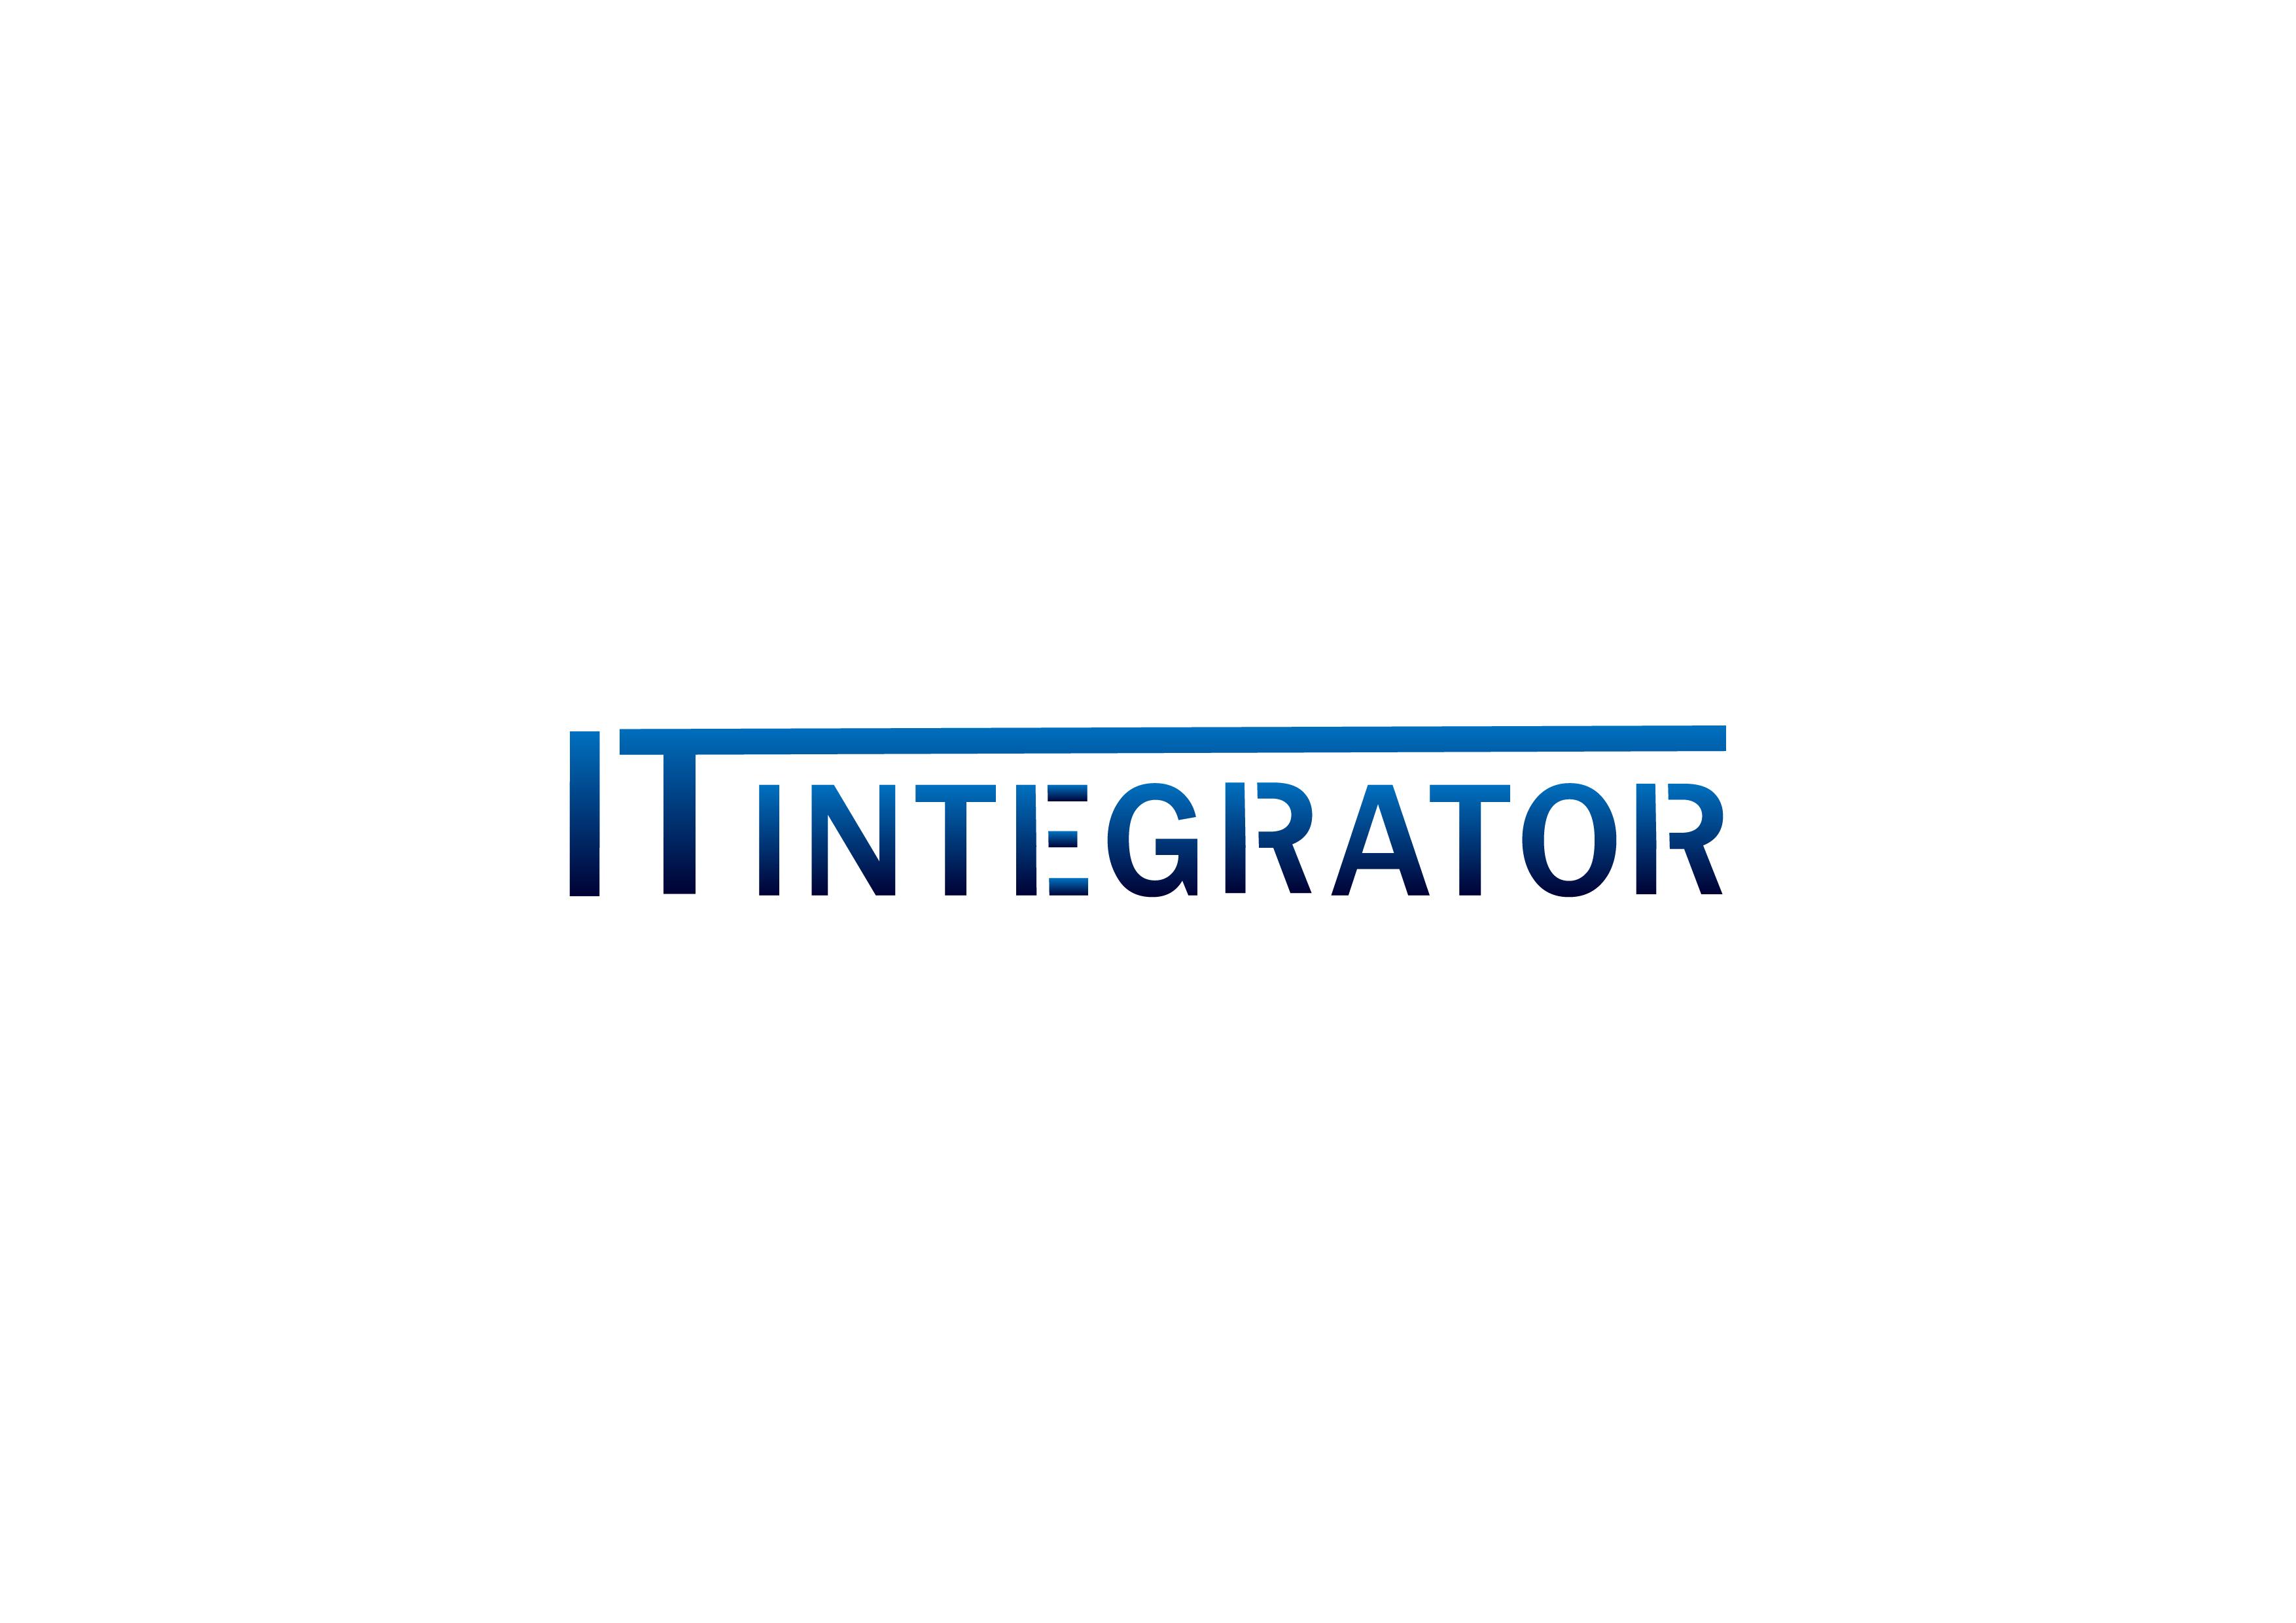 Логотип для IT интегратора фото f_8796149ccbe46dc8.jpg